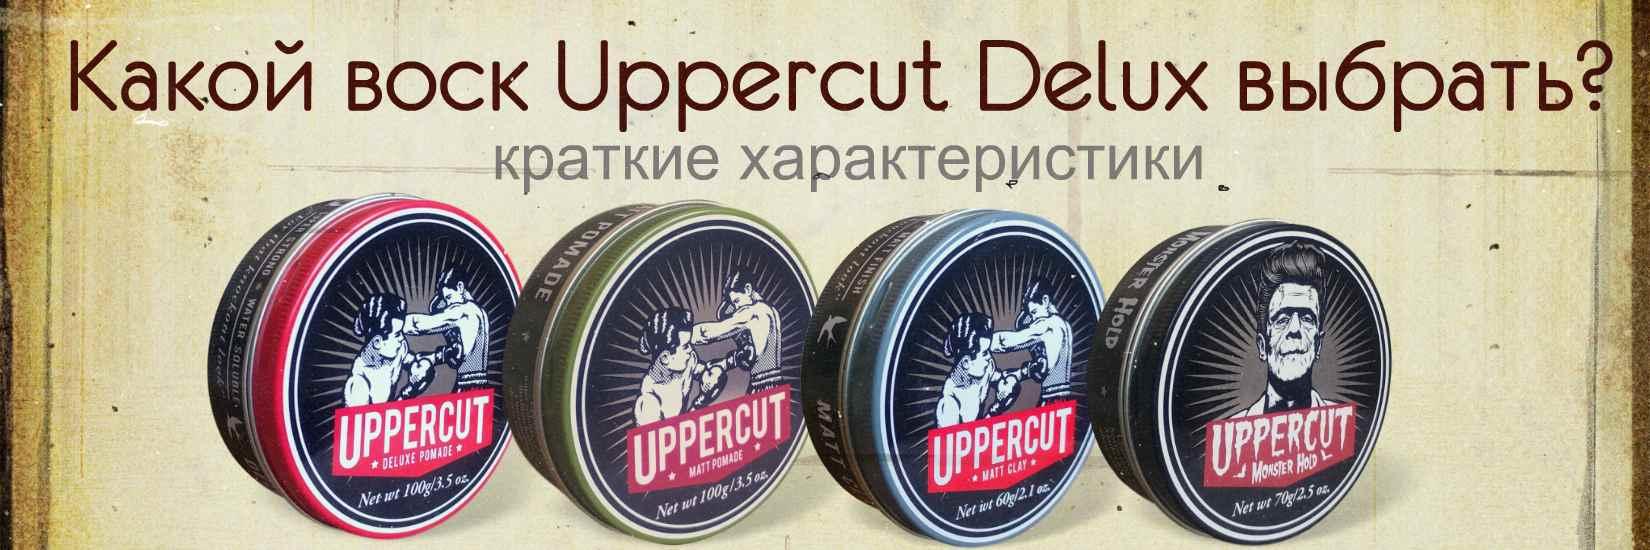 Какой воск Uppercut Delux выбрать?